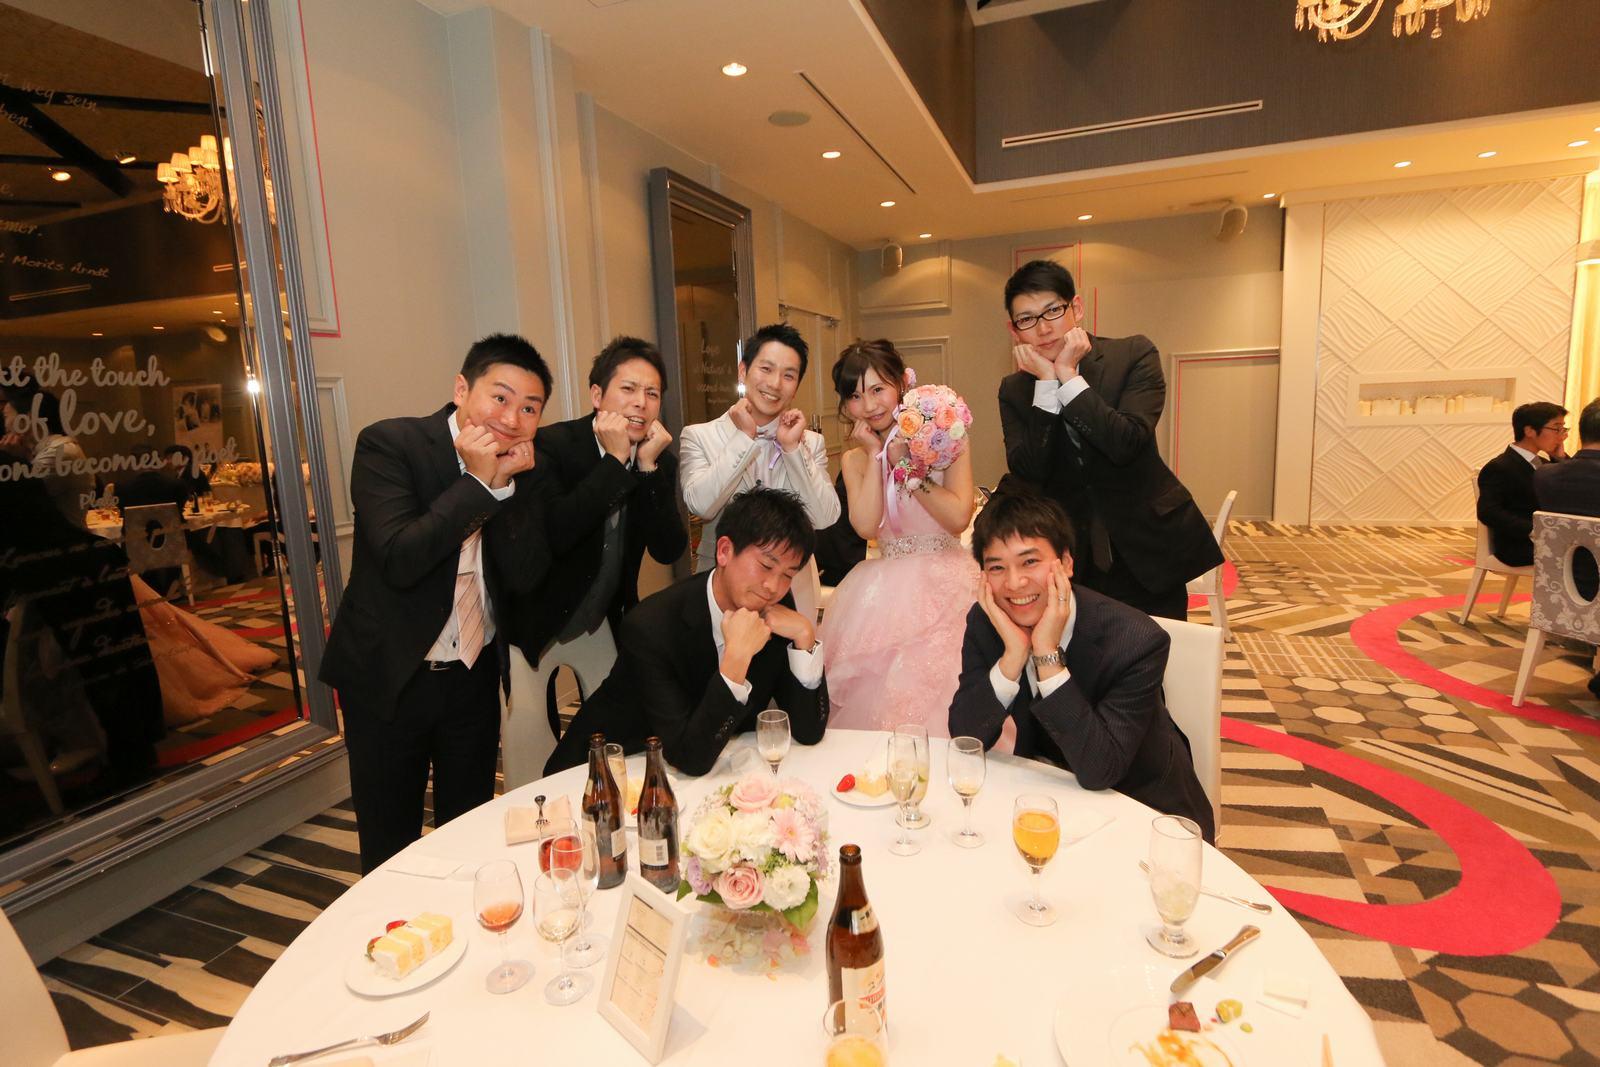 徳島市の結婚式場ブランアンジュでくじで引いたお揃いポーズでフォトサービス